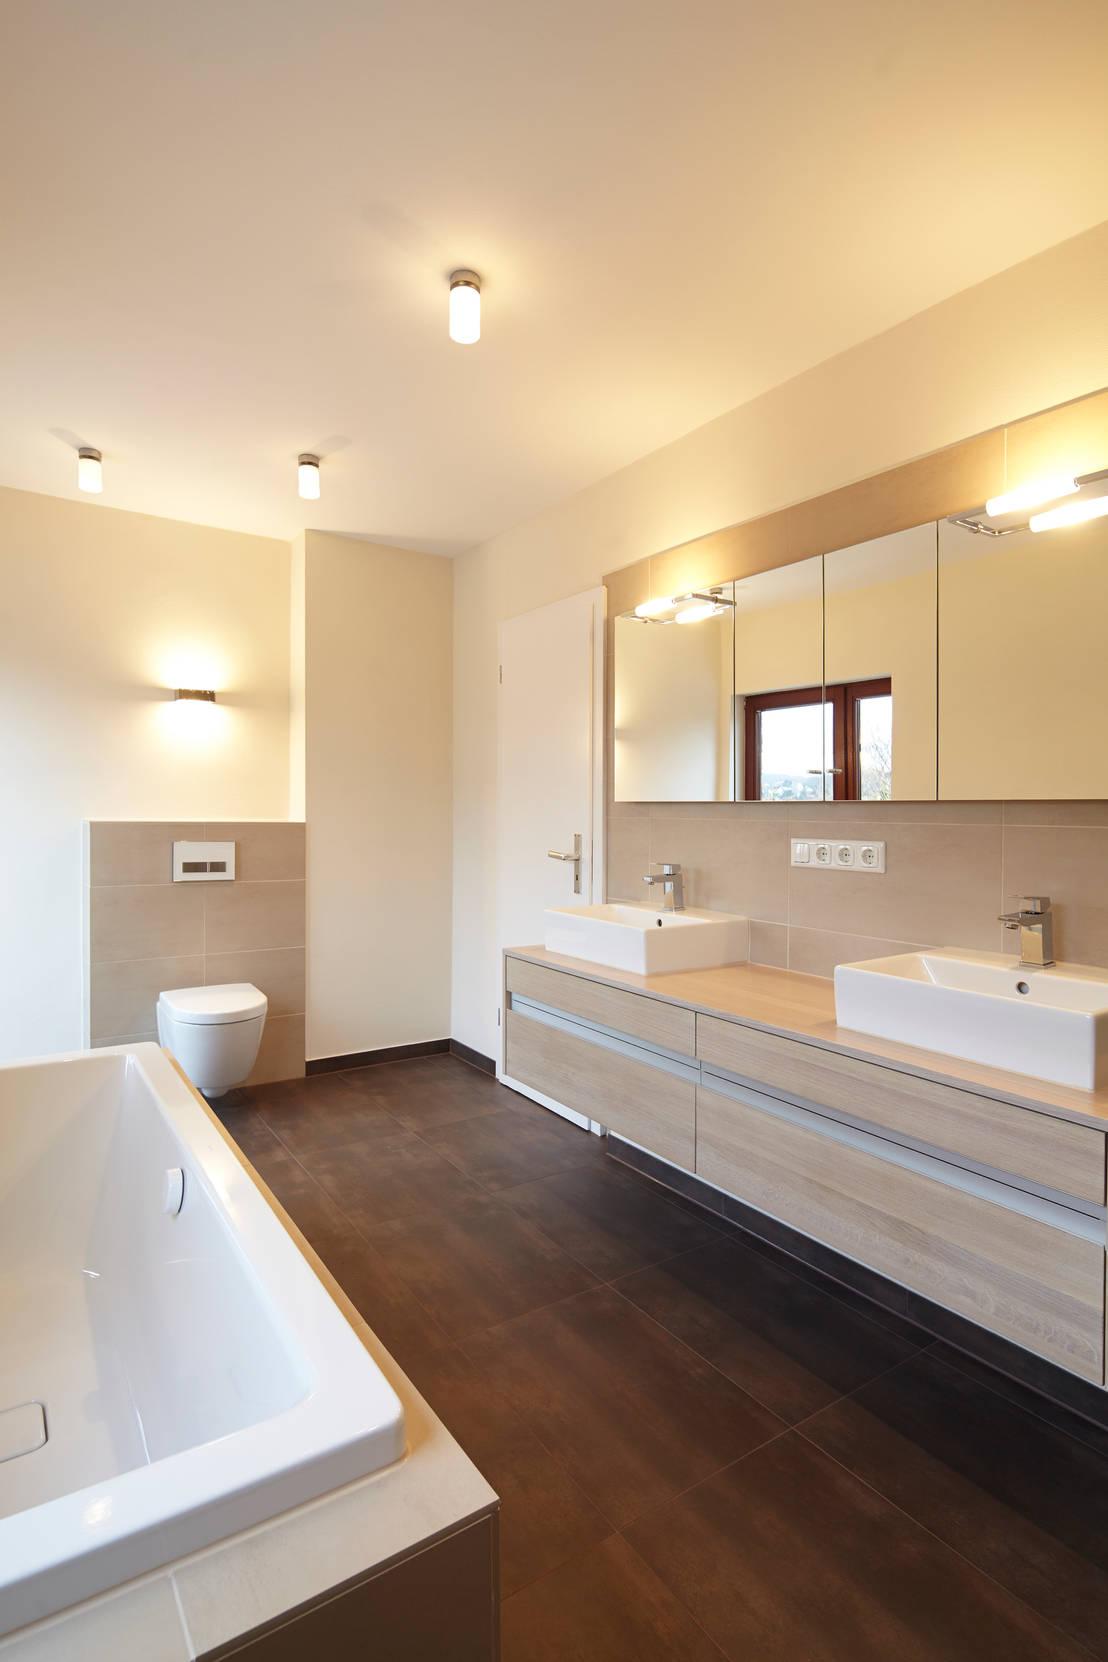 raum der woche modernes familienbadezimmer. Black Bedroom Furniture Sets. Home Design Ideas